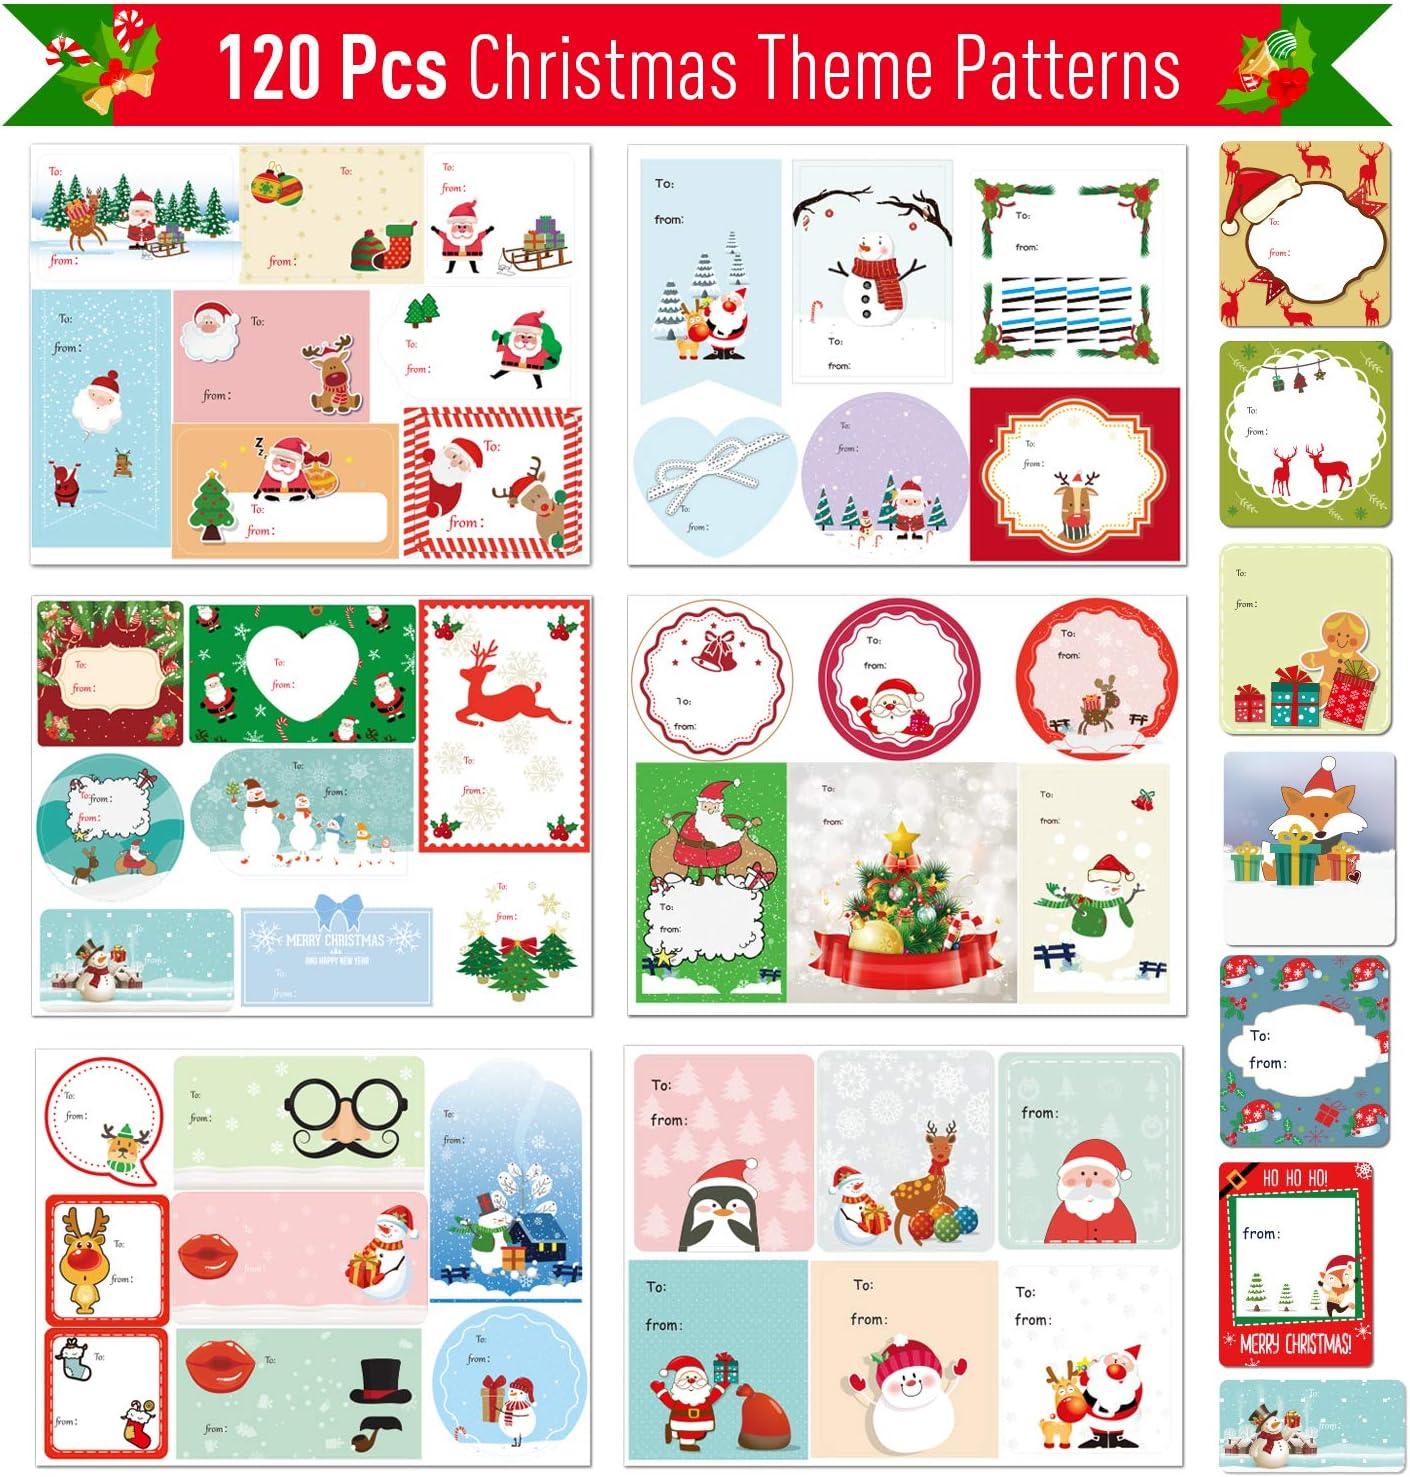 Joyjoz Pegatina de Regalo para Navidad 120 Pcs, Etiquetas autoadhesivas de regalo de Navidad, Etiquetas decorativas de regalo para Navidad Cumpleaños Festival Boda Vacaciones